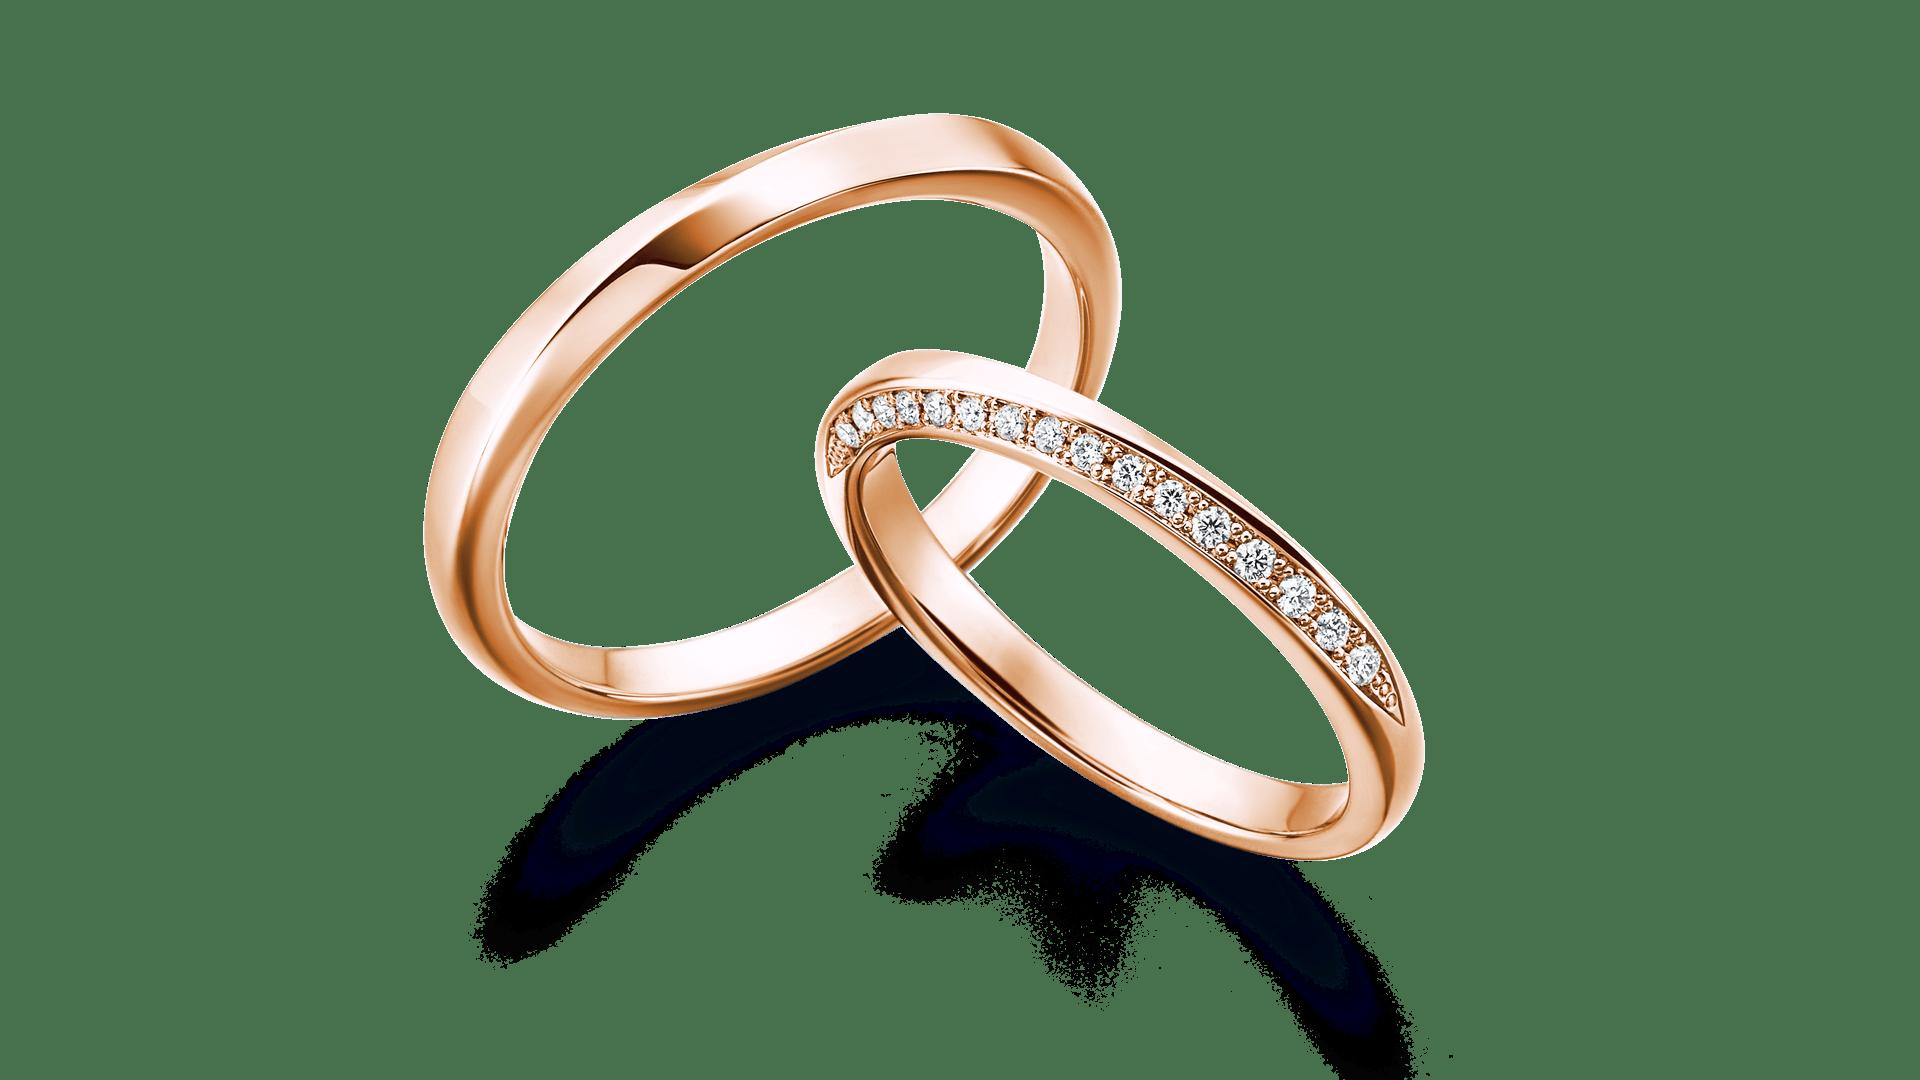 psyche プシュケー | 結婚指輪サムネイル 2